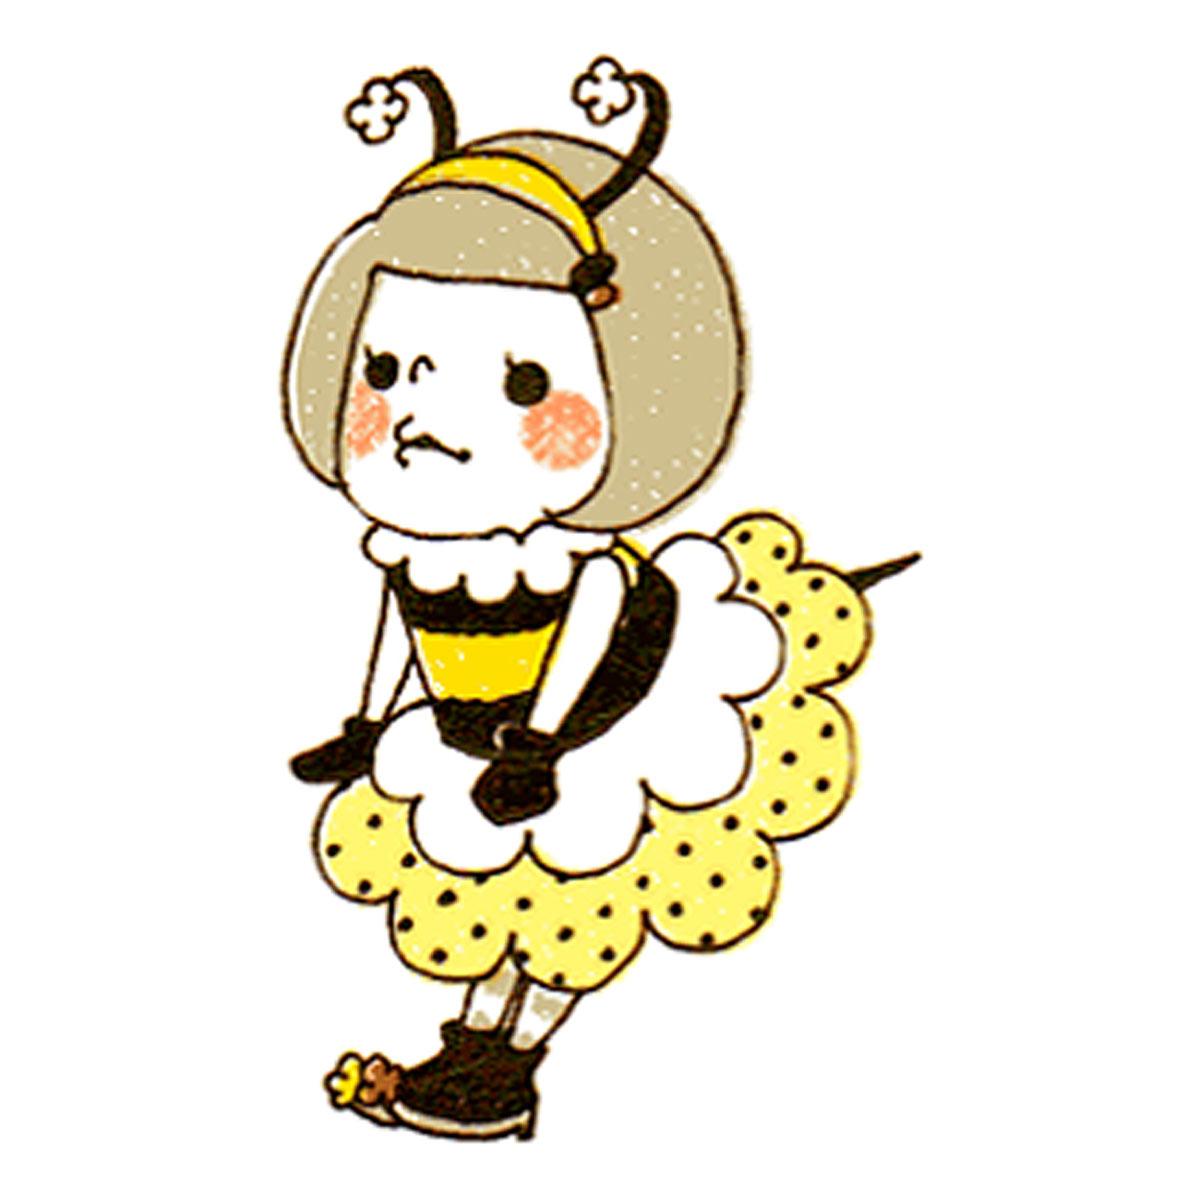 蜂のコスプレをした女の子